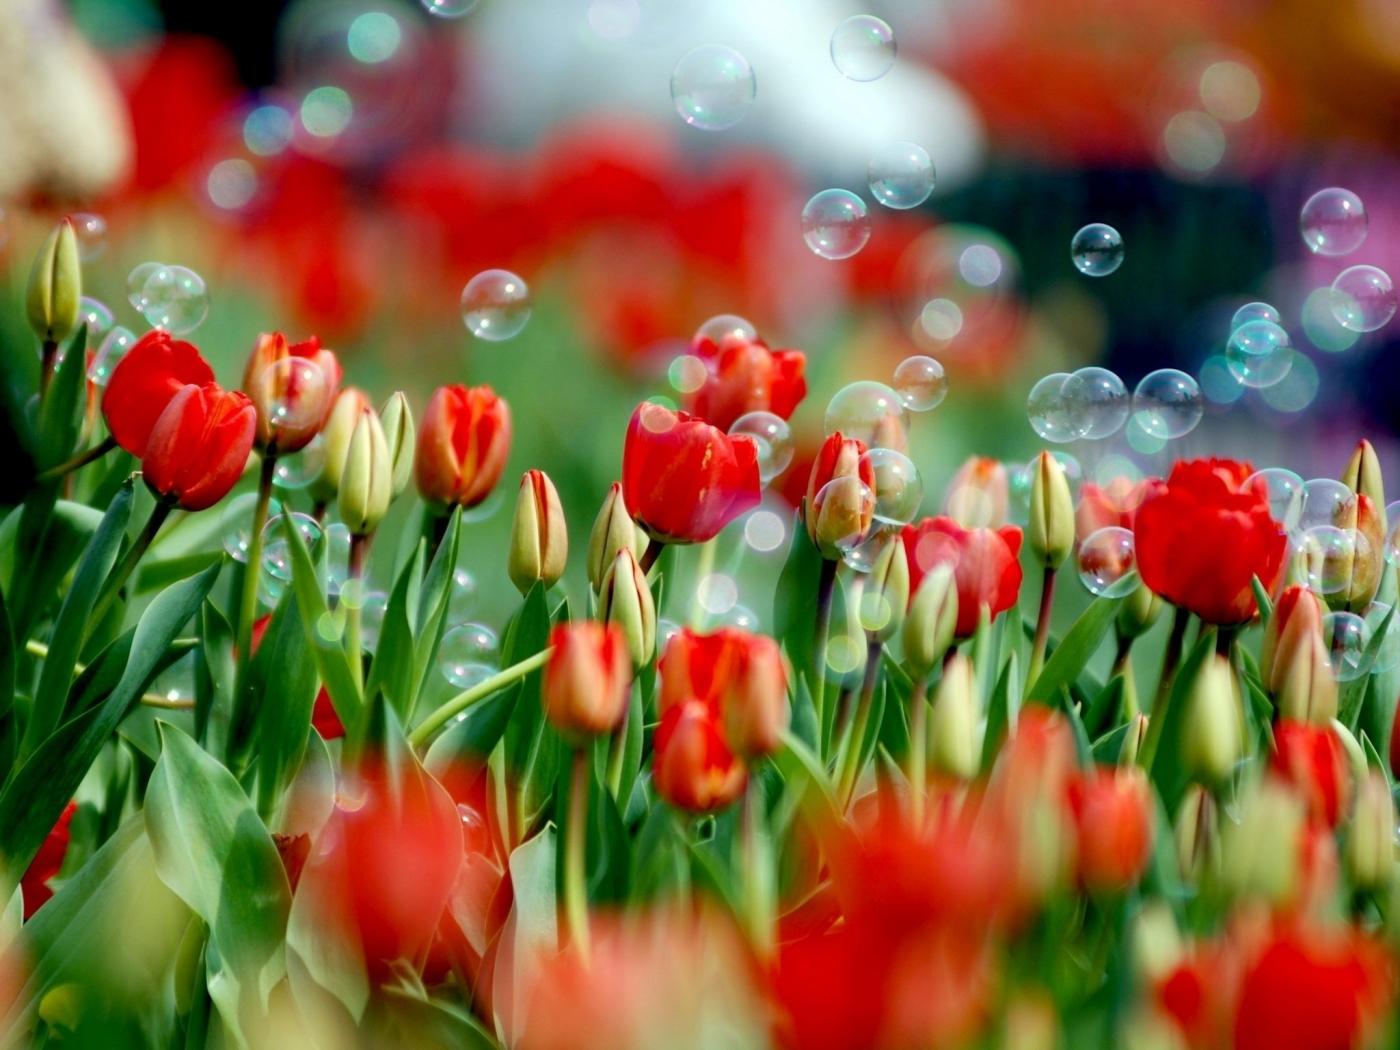 32159 скачать обои Растения, Цветы, Тюльпаны - заставки и картинки бесплатно